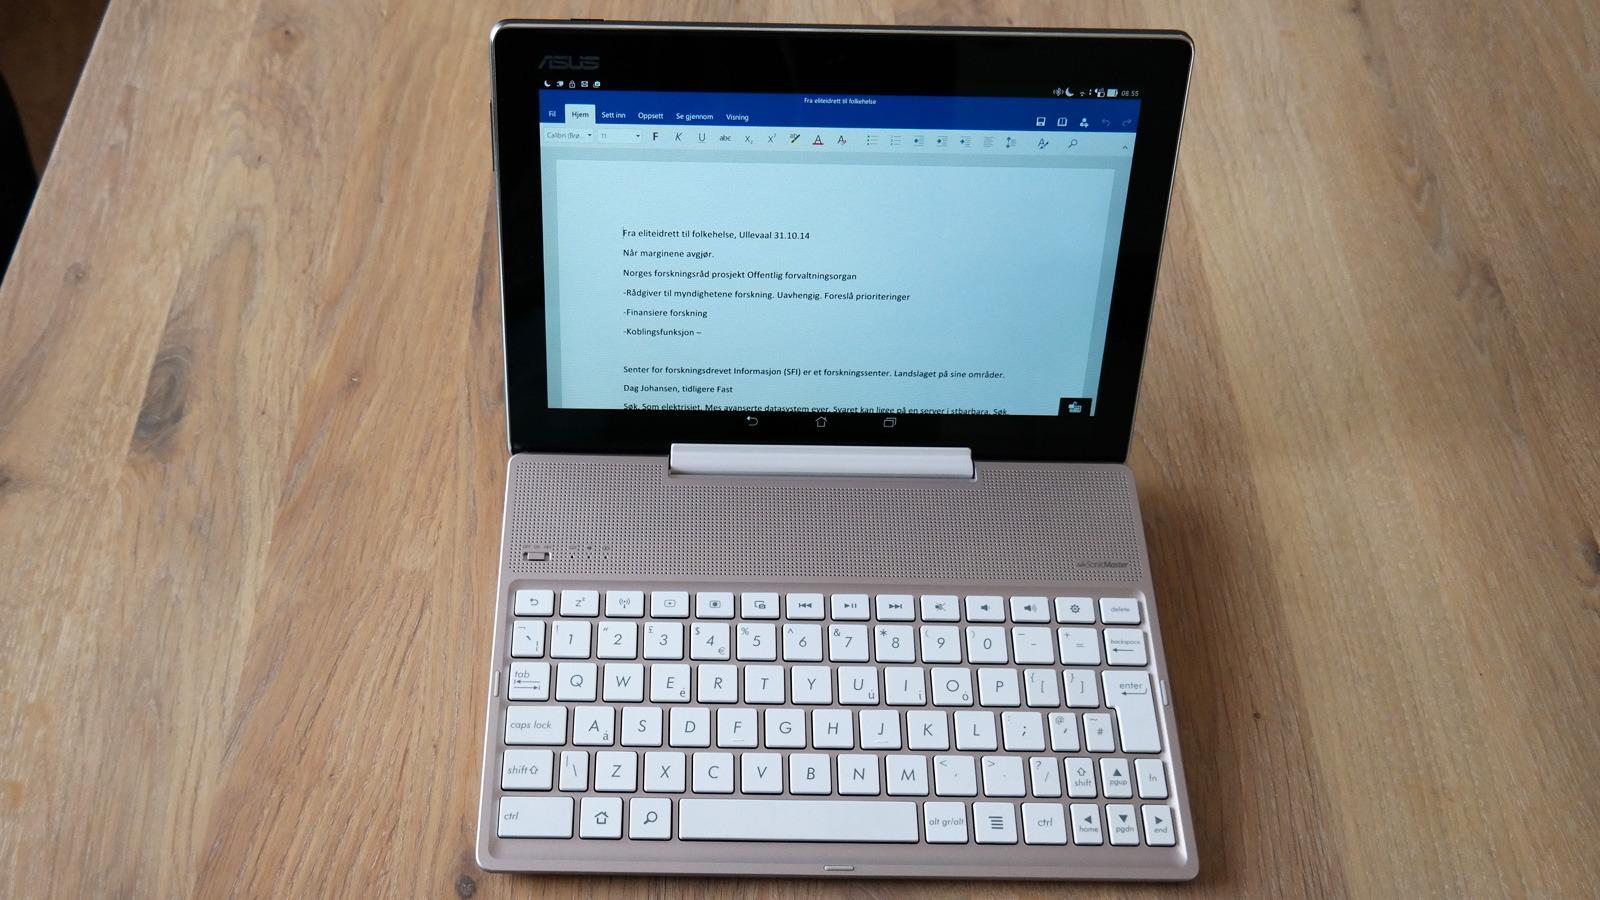 Skal du jobbe med tekst kommer dette tastaturet godt med. Foto: Espen Irwing Swang, Tek.no